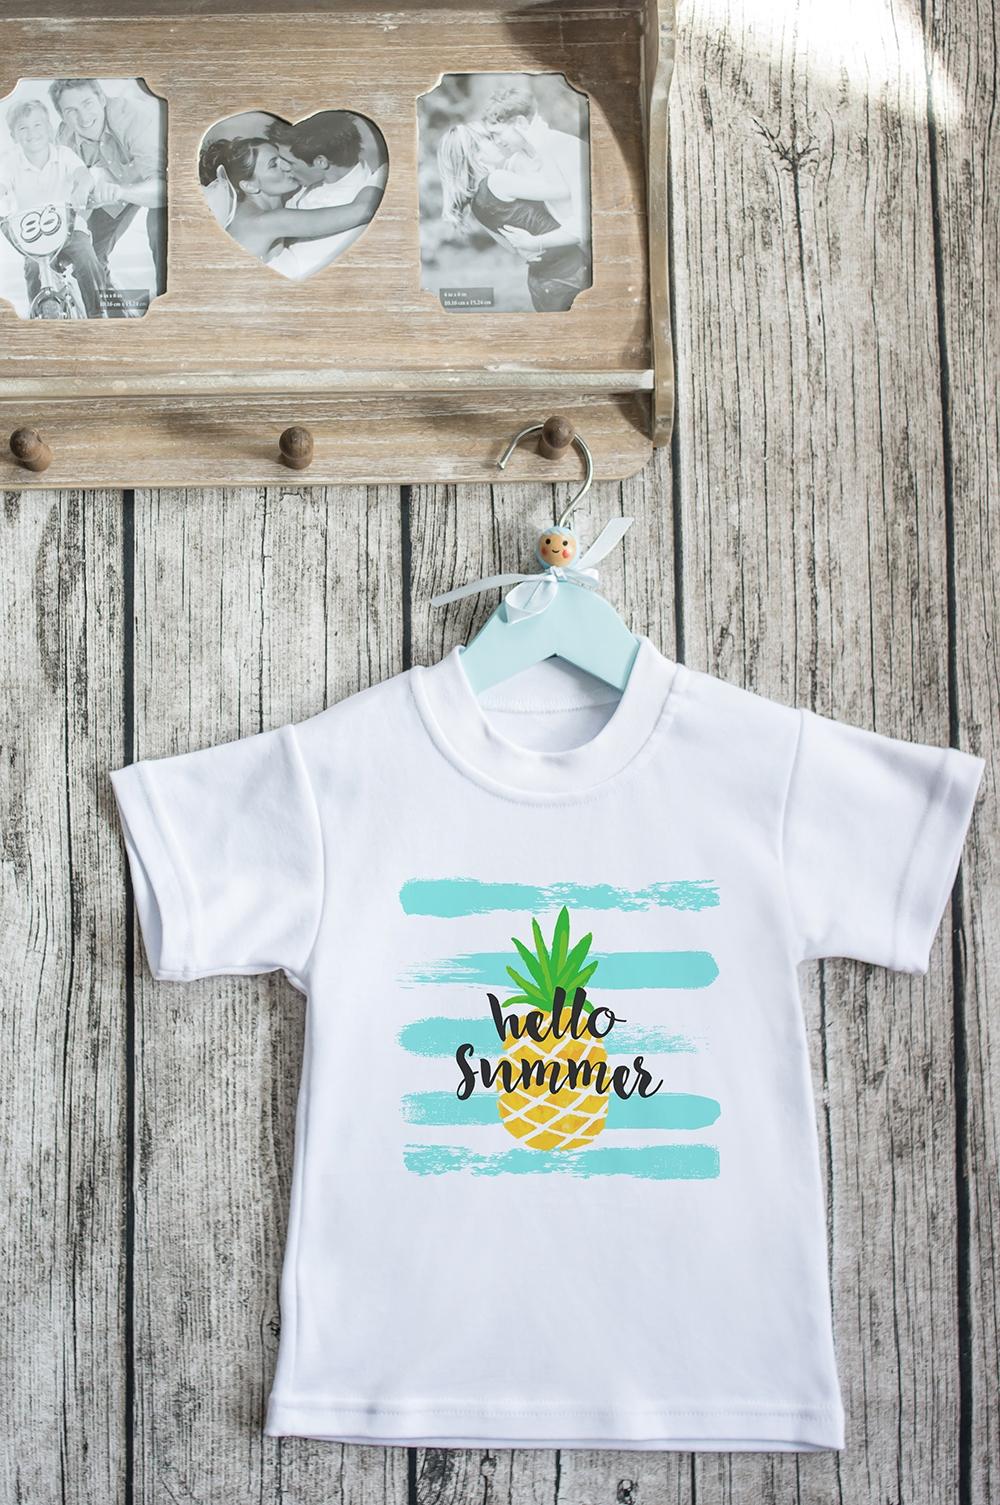 Футболка детская С надписью Hello SummerПодарки для малышей и новорожденных<br>100% хлопок, белая. Товар является маломерным<br>